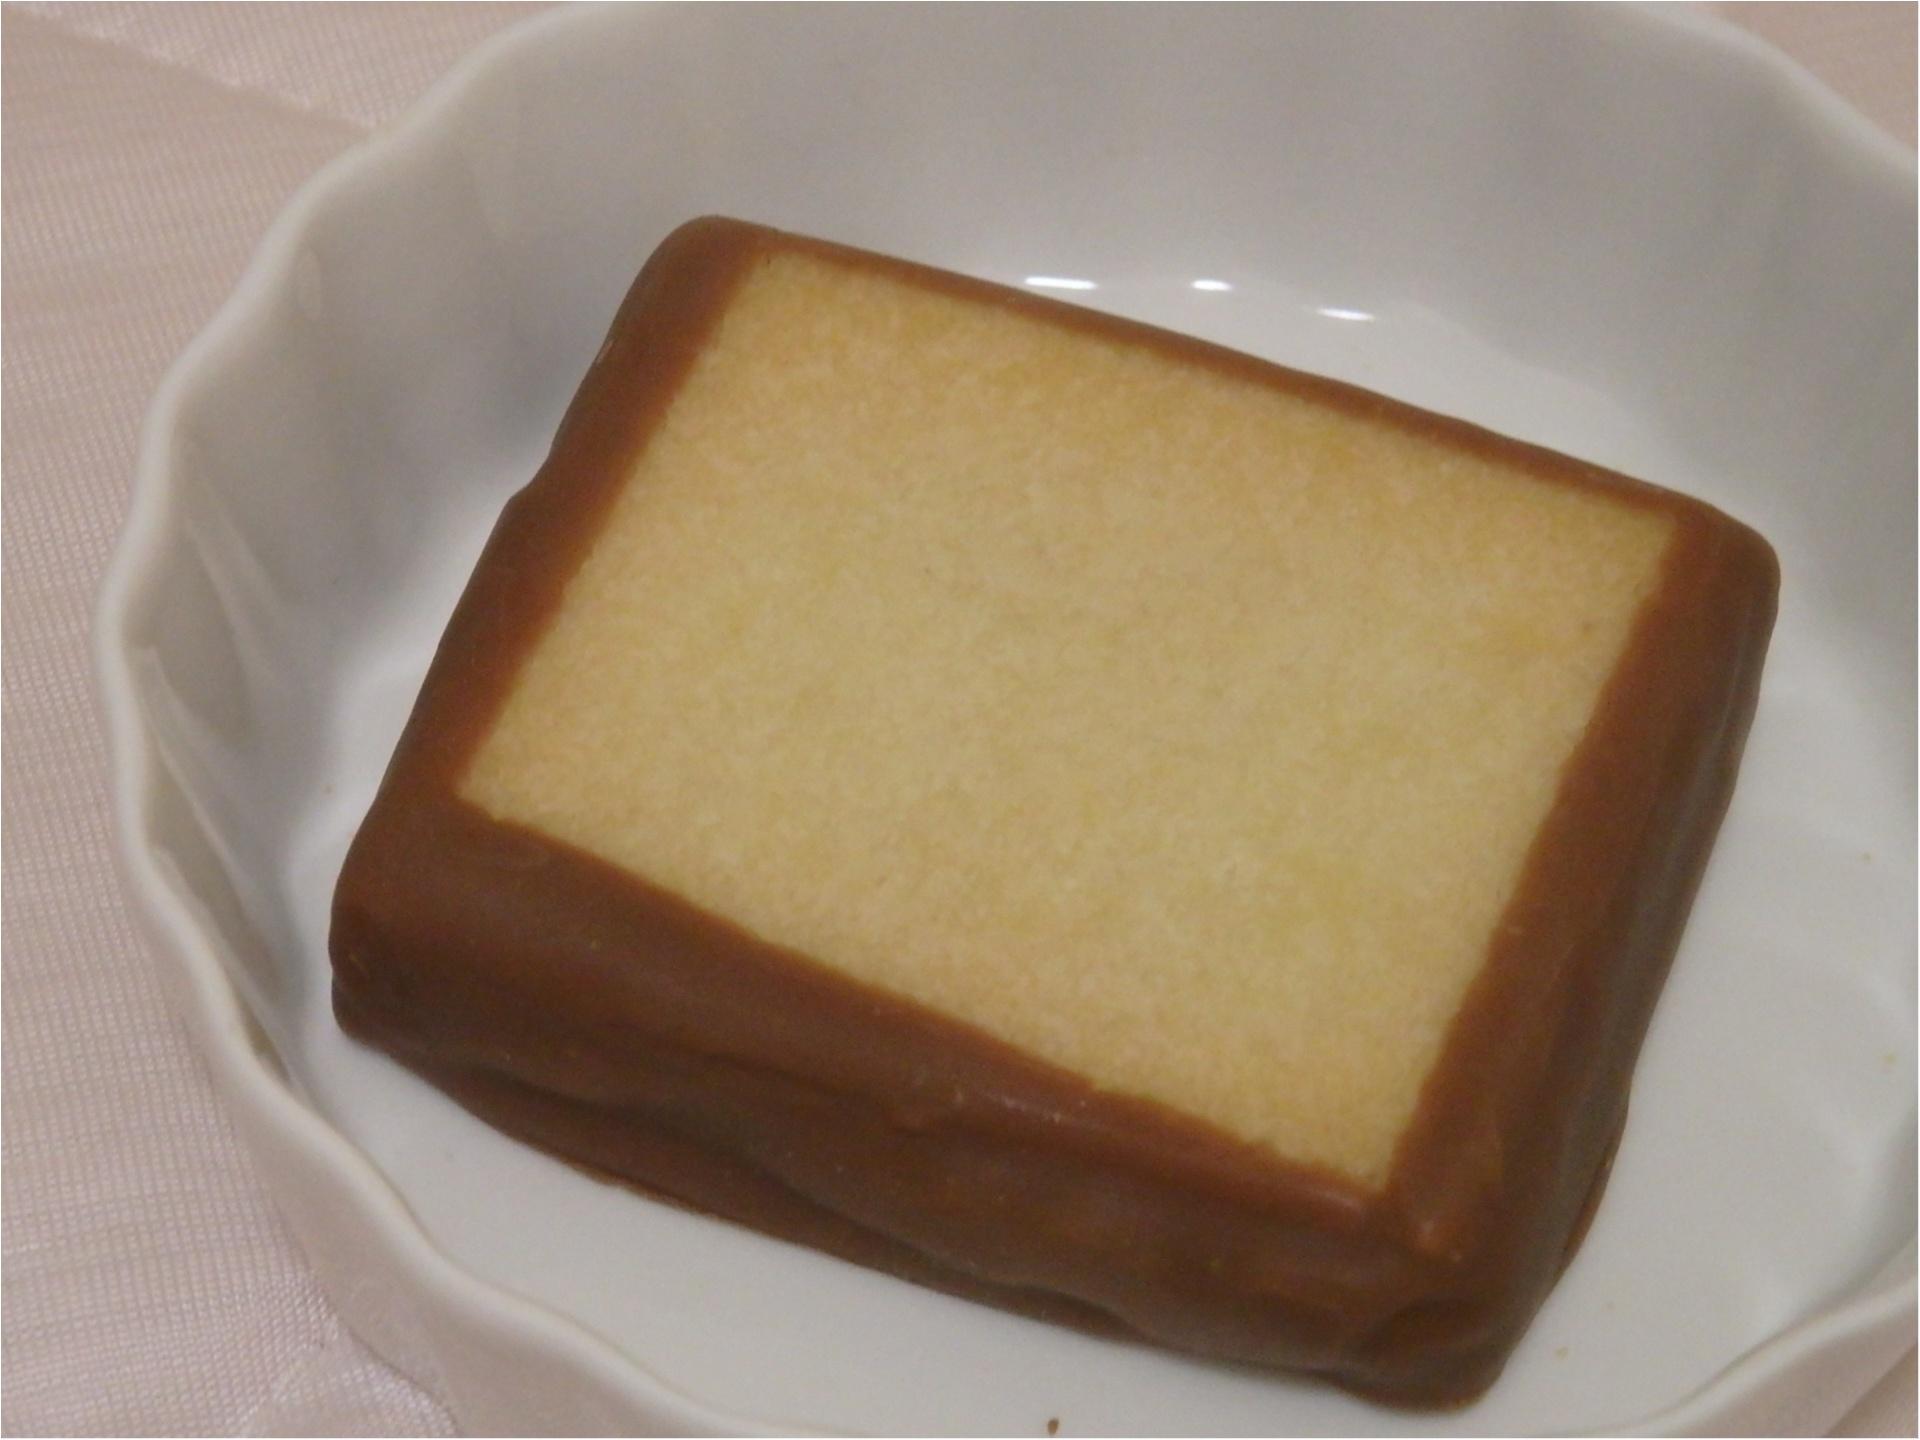 【北海道】ご当地スイーツ♥ハスカップジュエリーはリピ確実な美味しさ♪_3